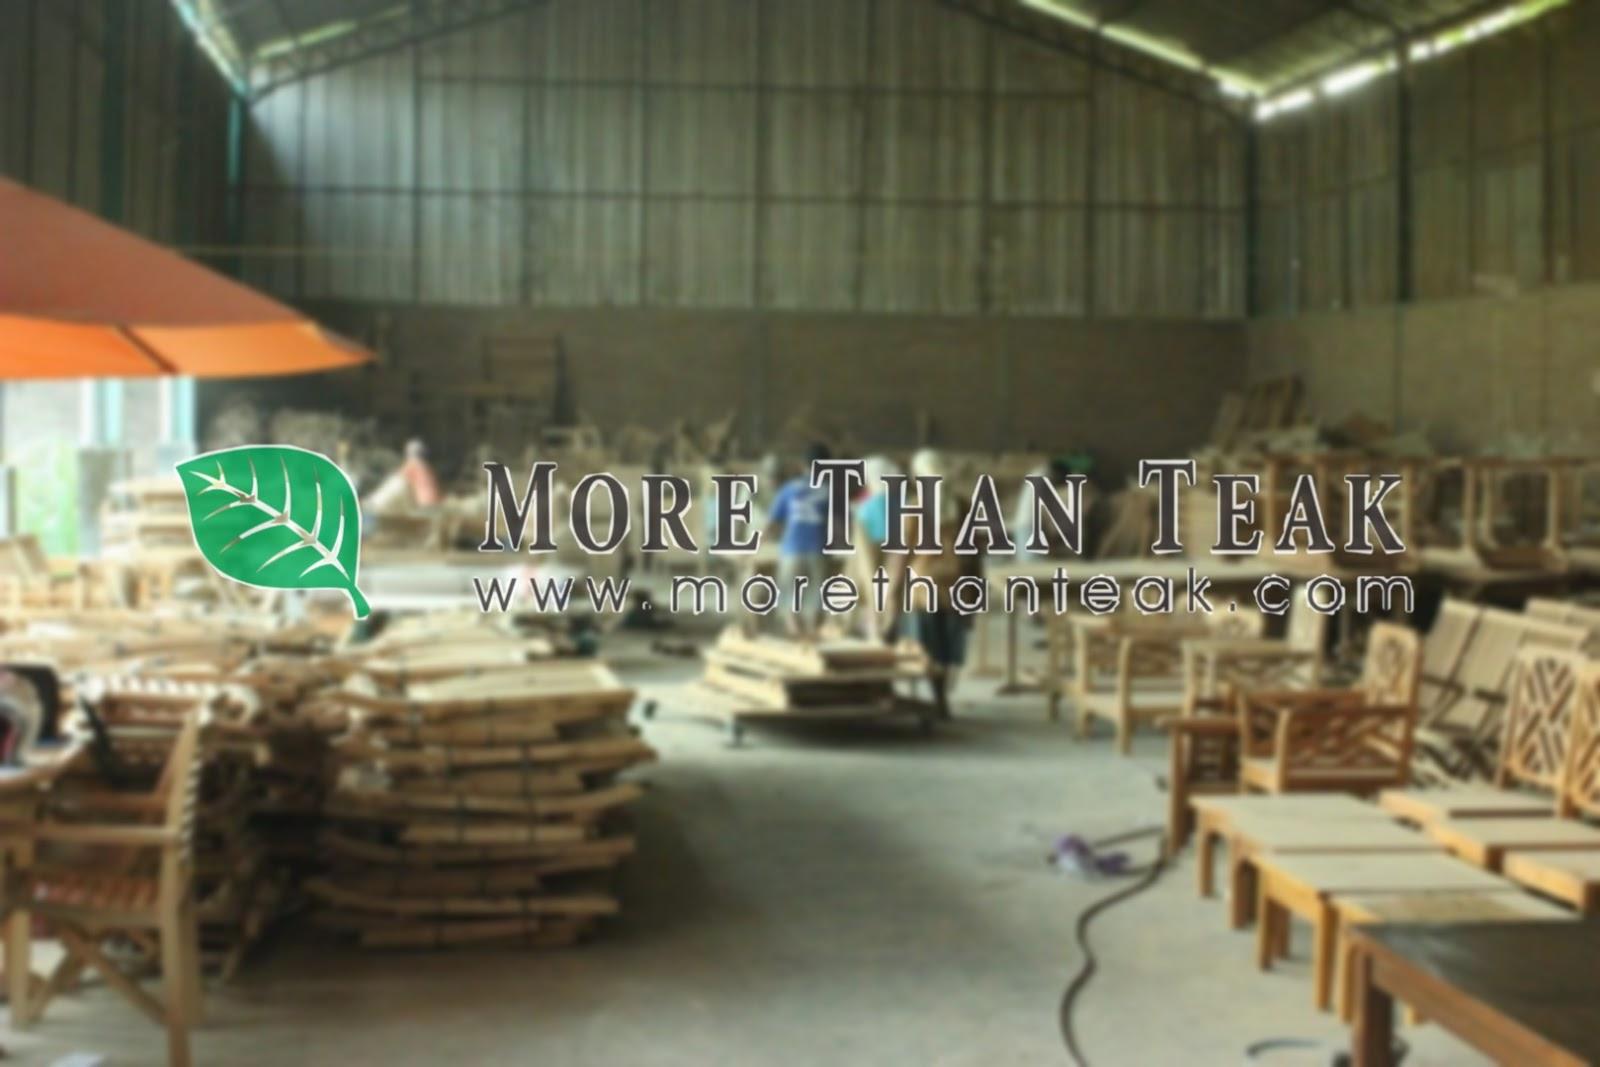 Lowongan Jepara 2020  SEGERA MORE THAN TEAK furniture export Sinanggul, Mlonggo - Jepara , Membutuhkan